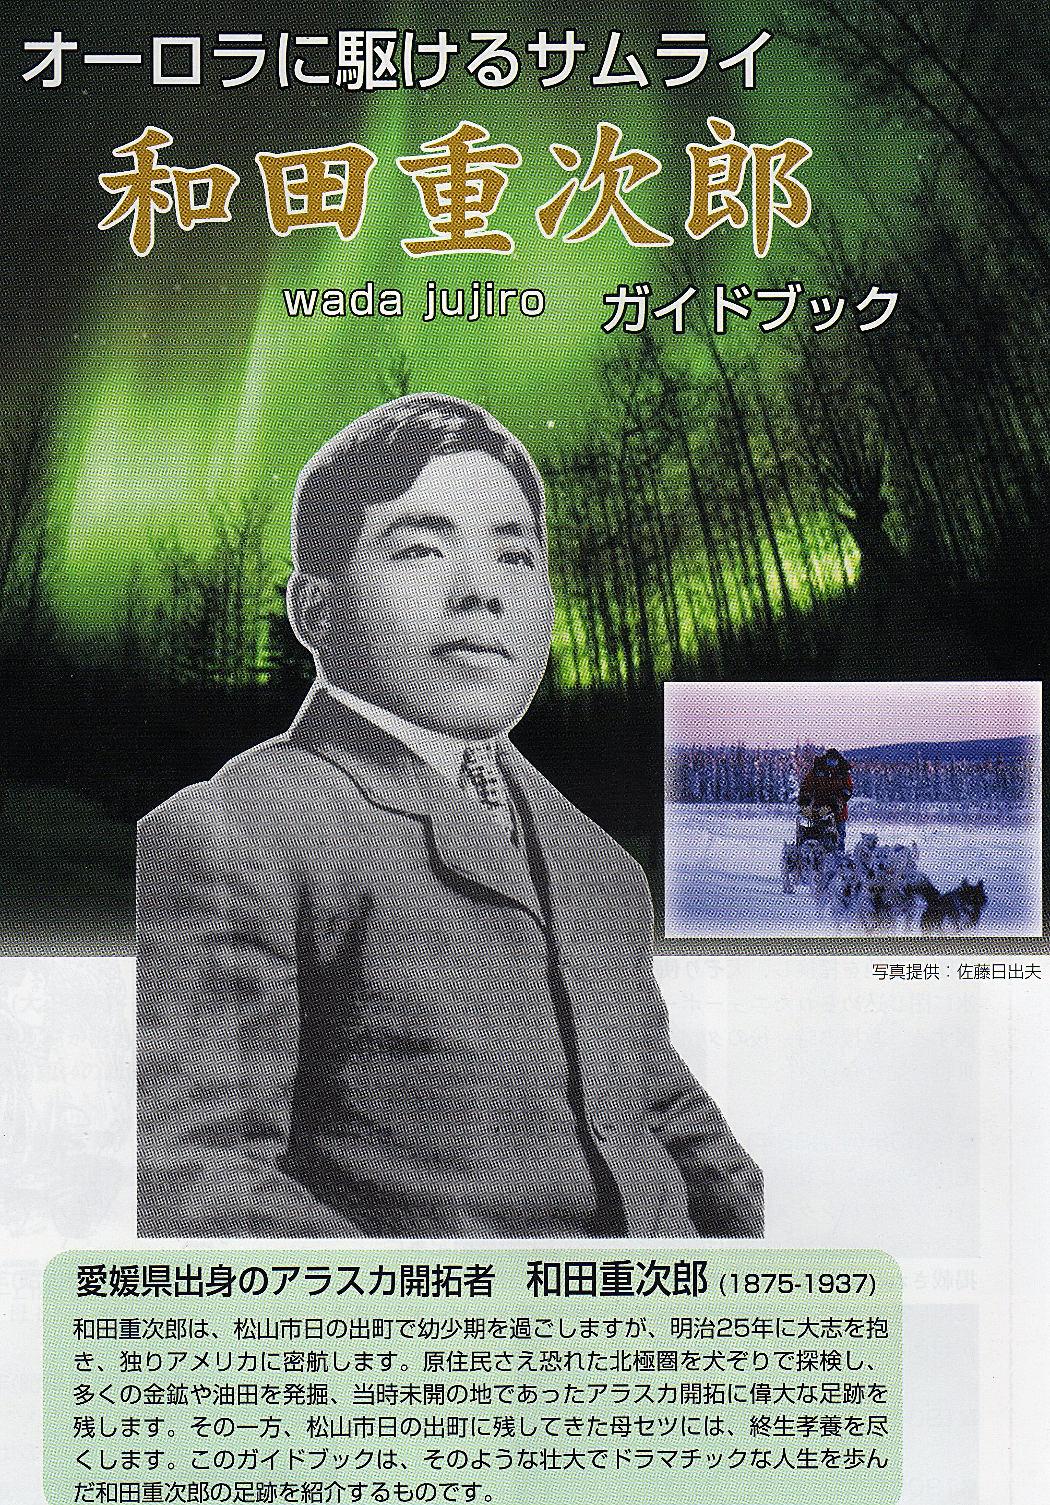 和田重次郎